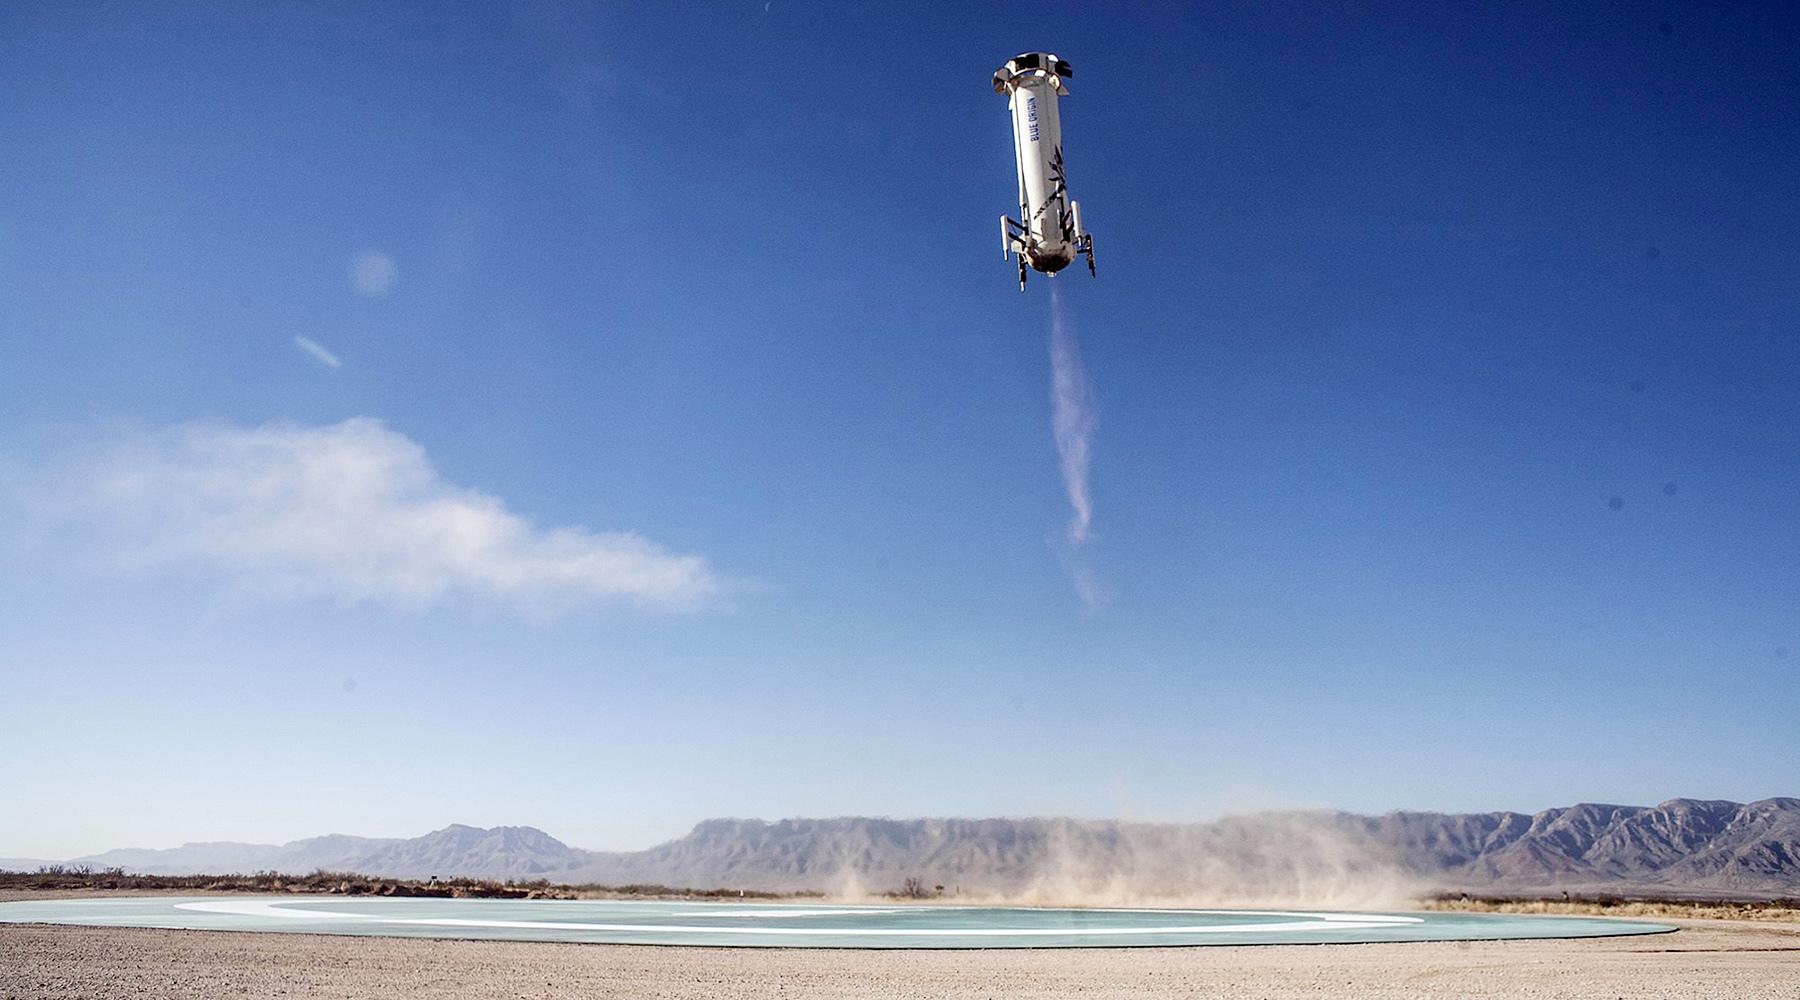 60ec8a66ae5ac92dee3a9730 Доступный космос или привлечение широкого внимания: какие перспективы у частных космических полётов